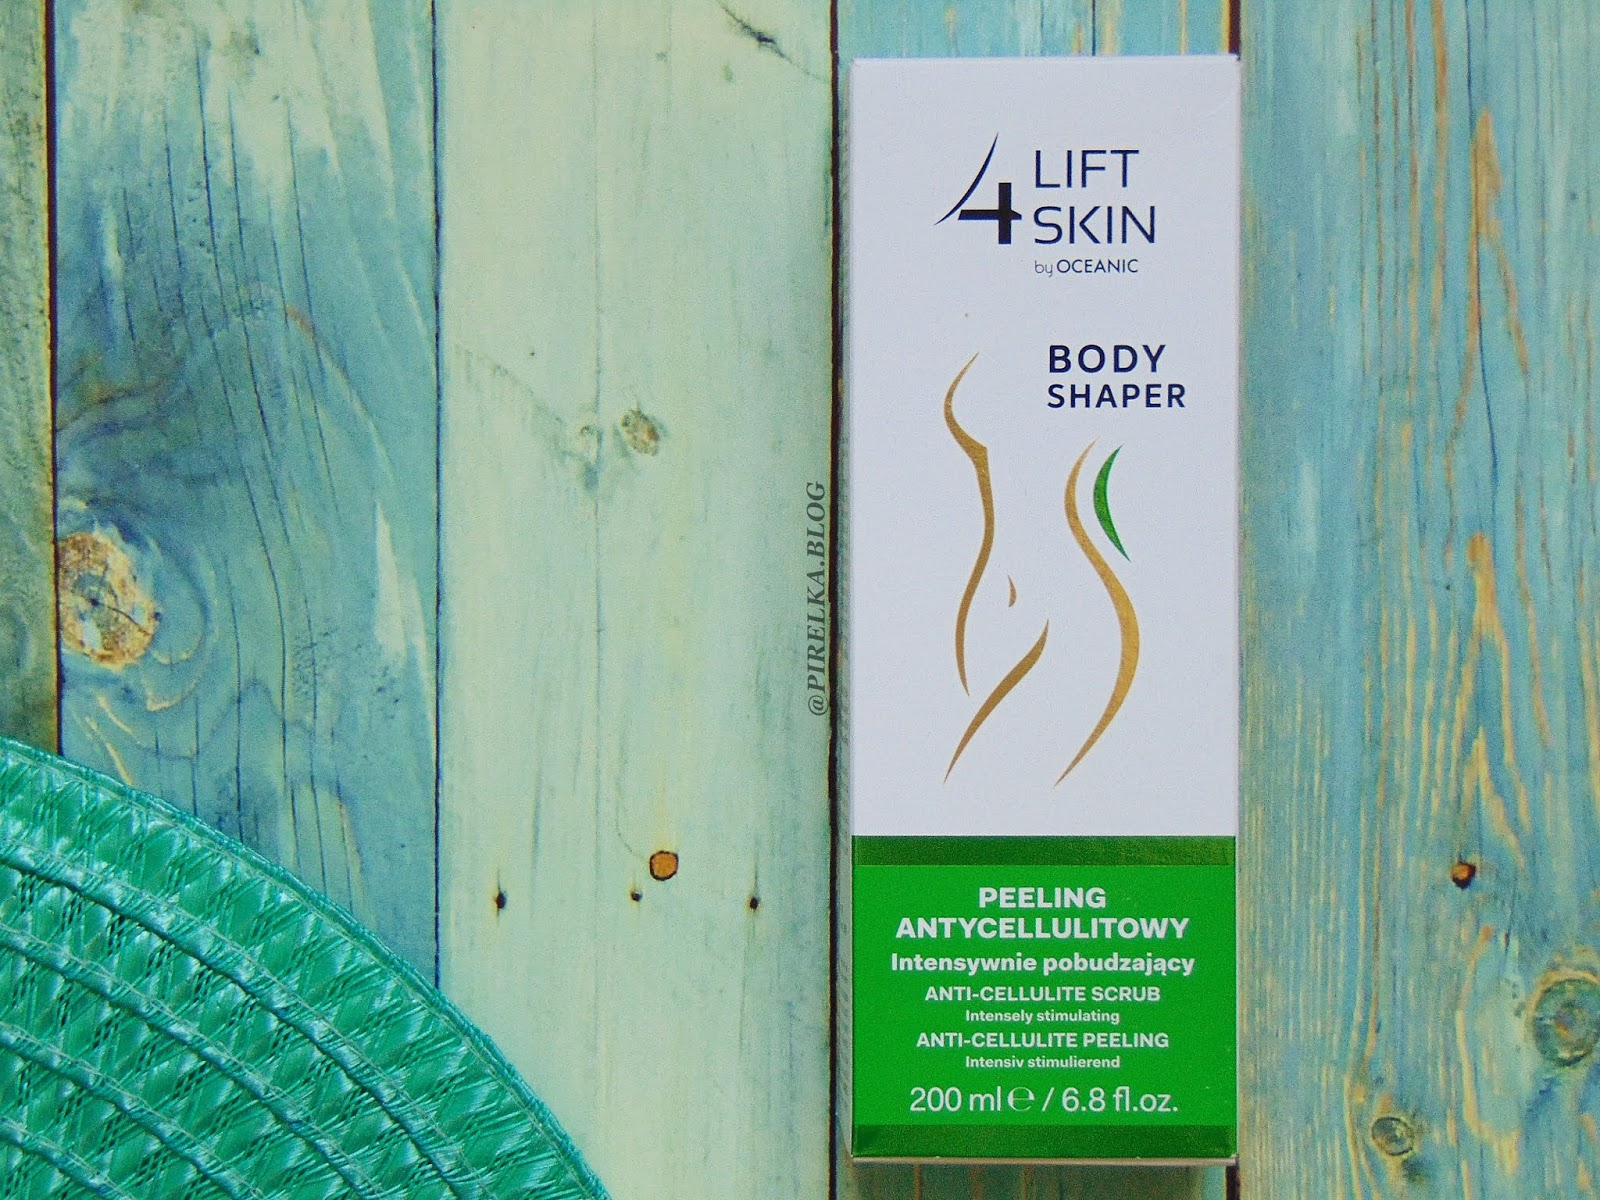 Peeling antycellulitowy intensywnie pobudzający - Lift 4 Skin, Oceanic